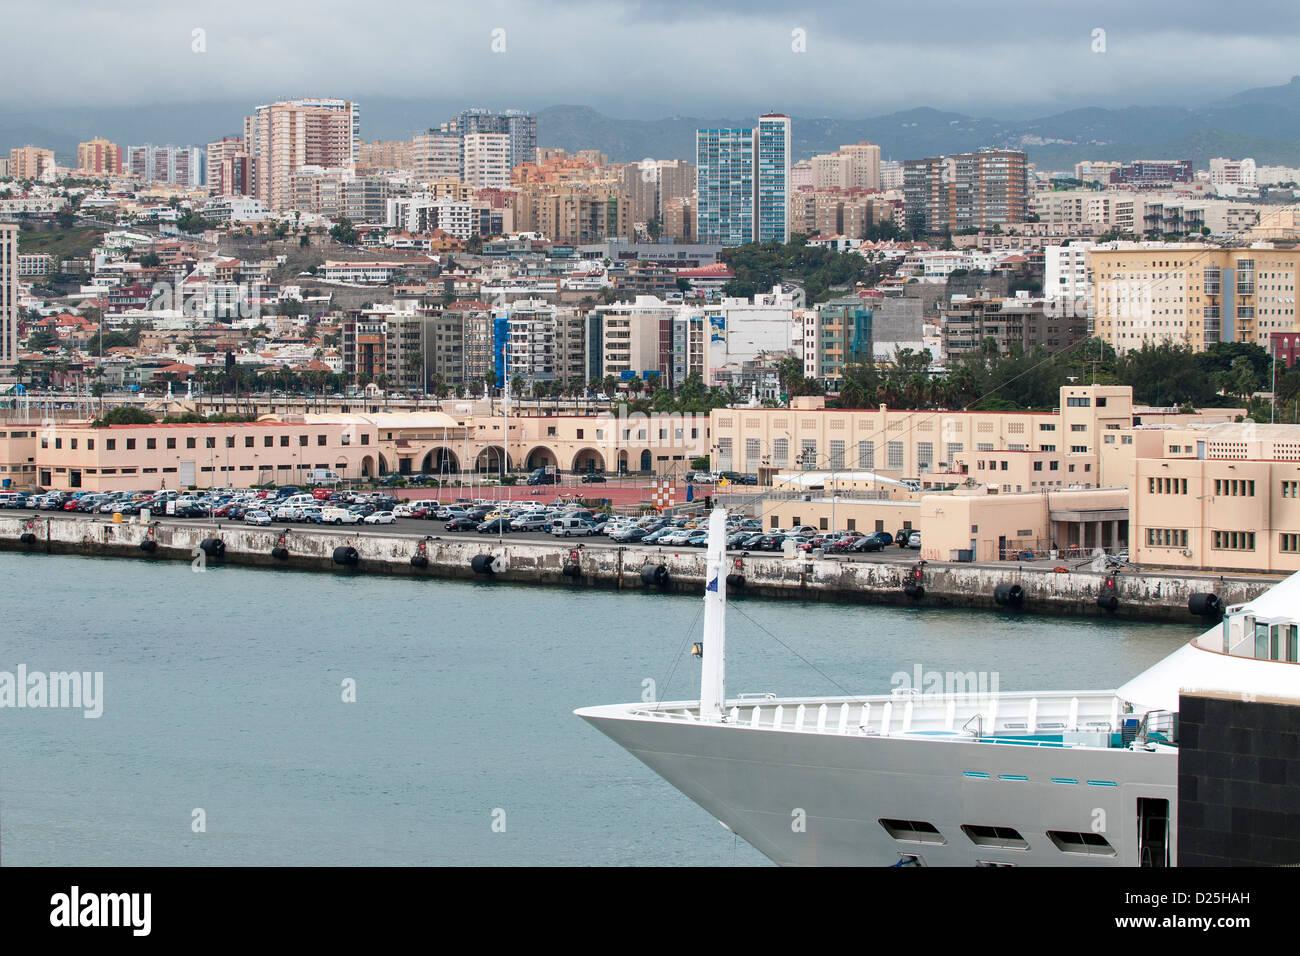 Gran Canaria (große Insel der Hunde), Kanarische Inseln, Spanien, Europa - mit Blick auf die Stadt den Hafen Stockbild